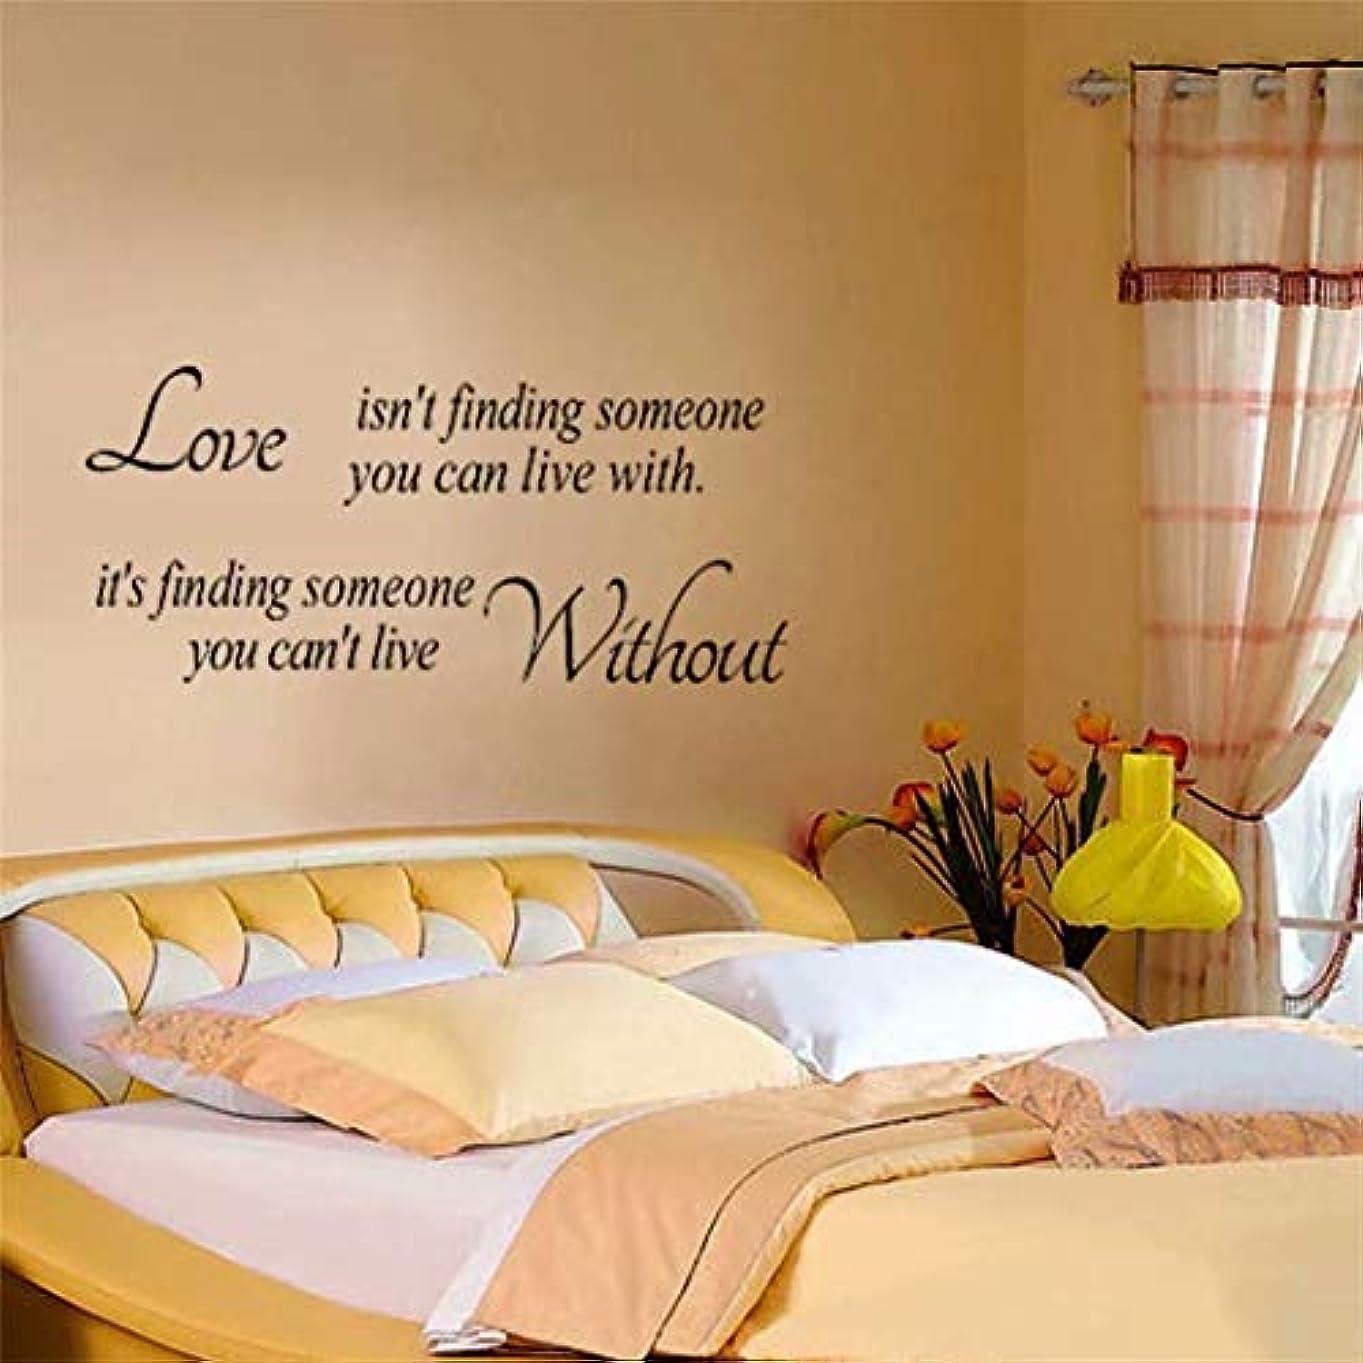 流行している海外本物七里の香 Love Isn't Finding Someone You Can Live With ウォールステッカー 防水 除去でき 壁飾り 壁紙 ベッドルーム リビングルームの背景